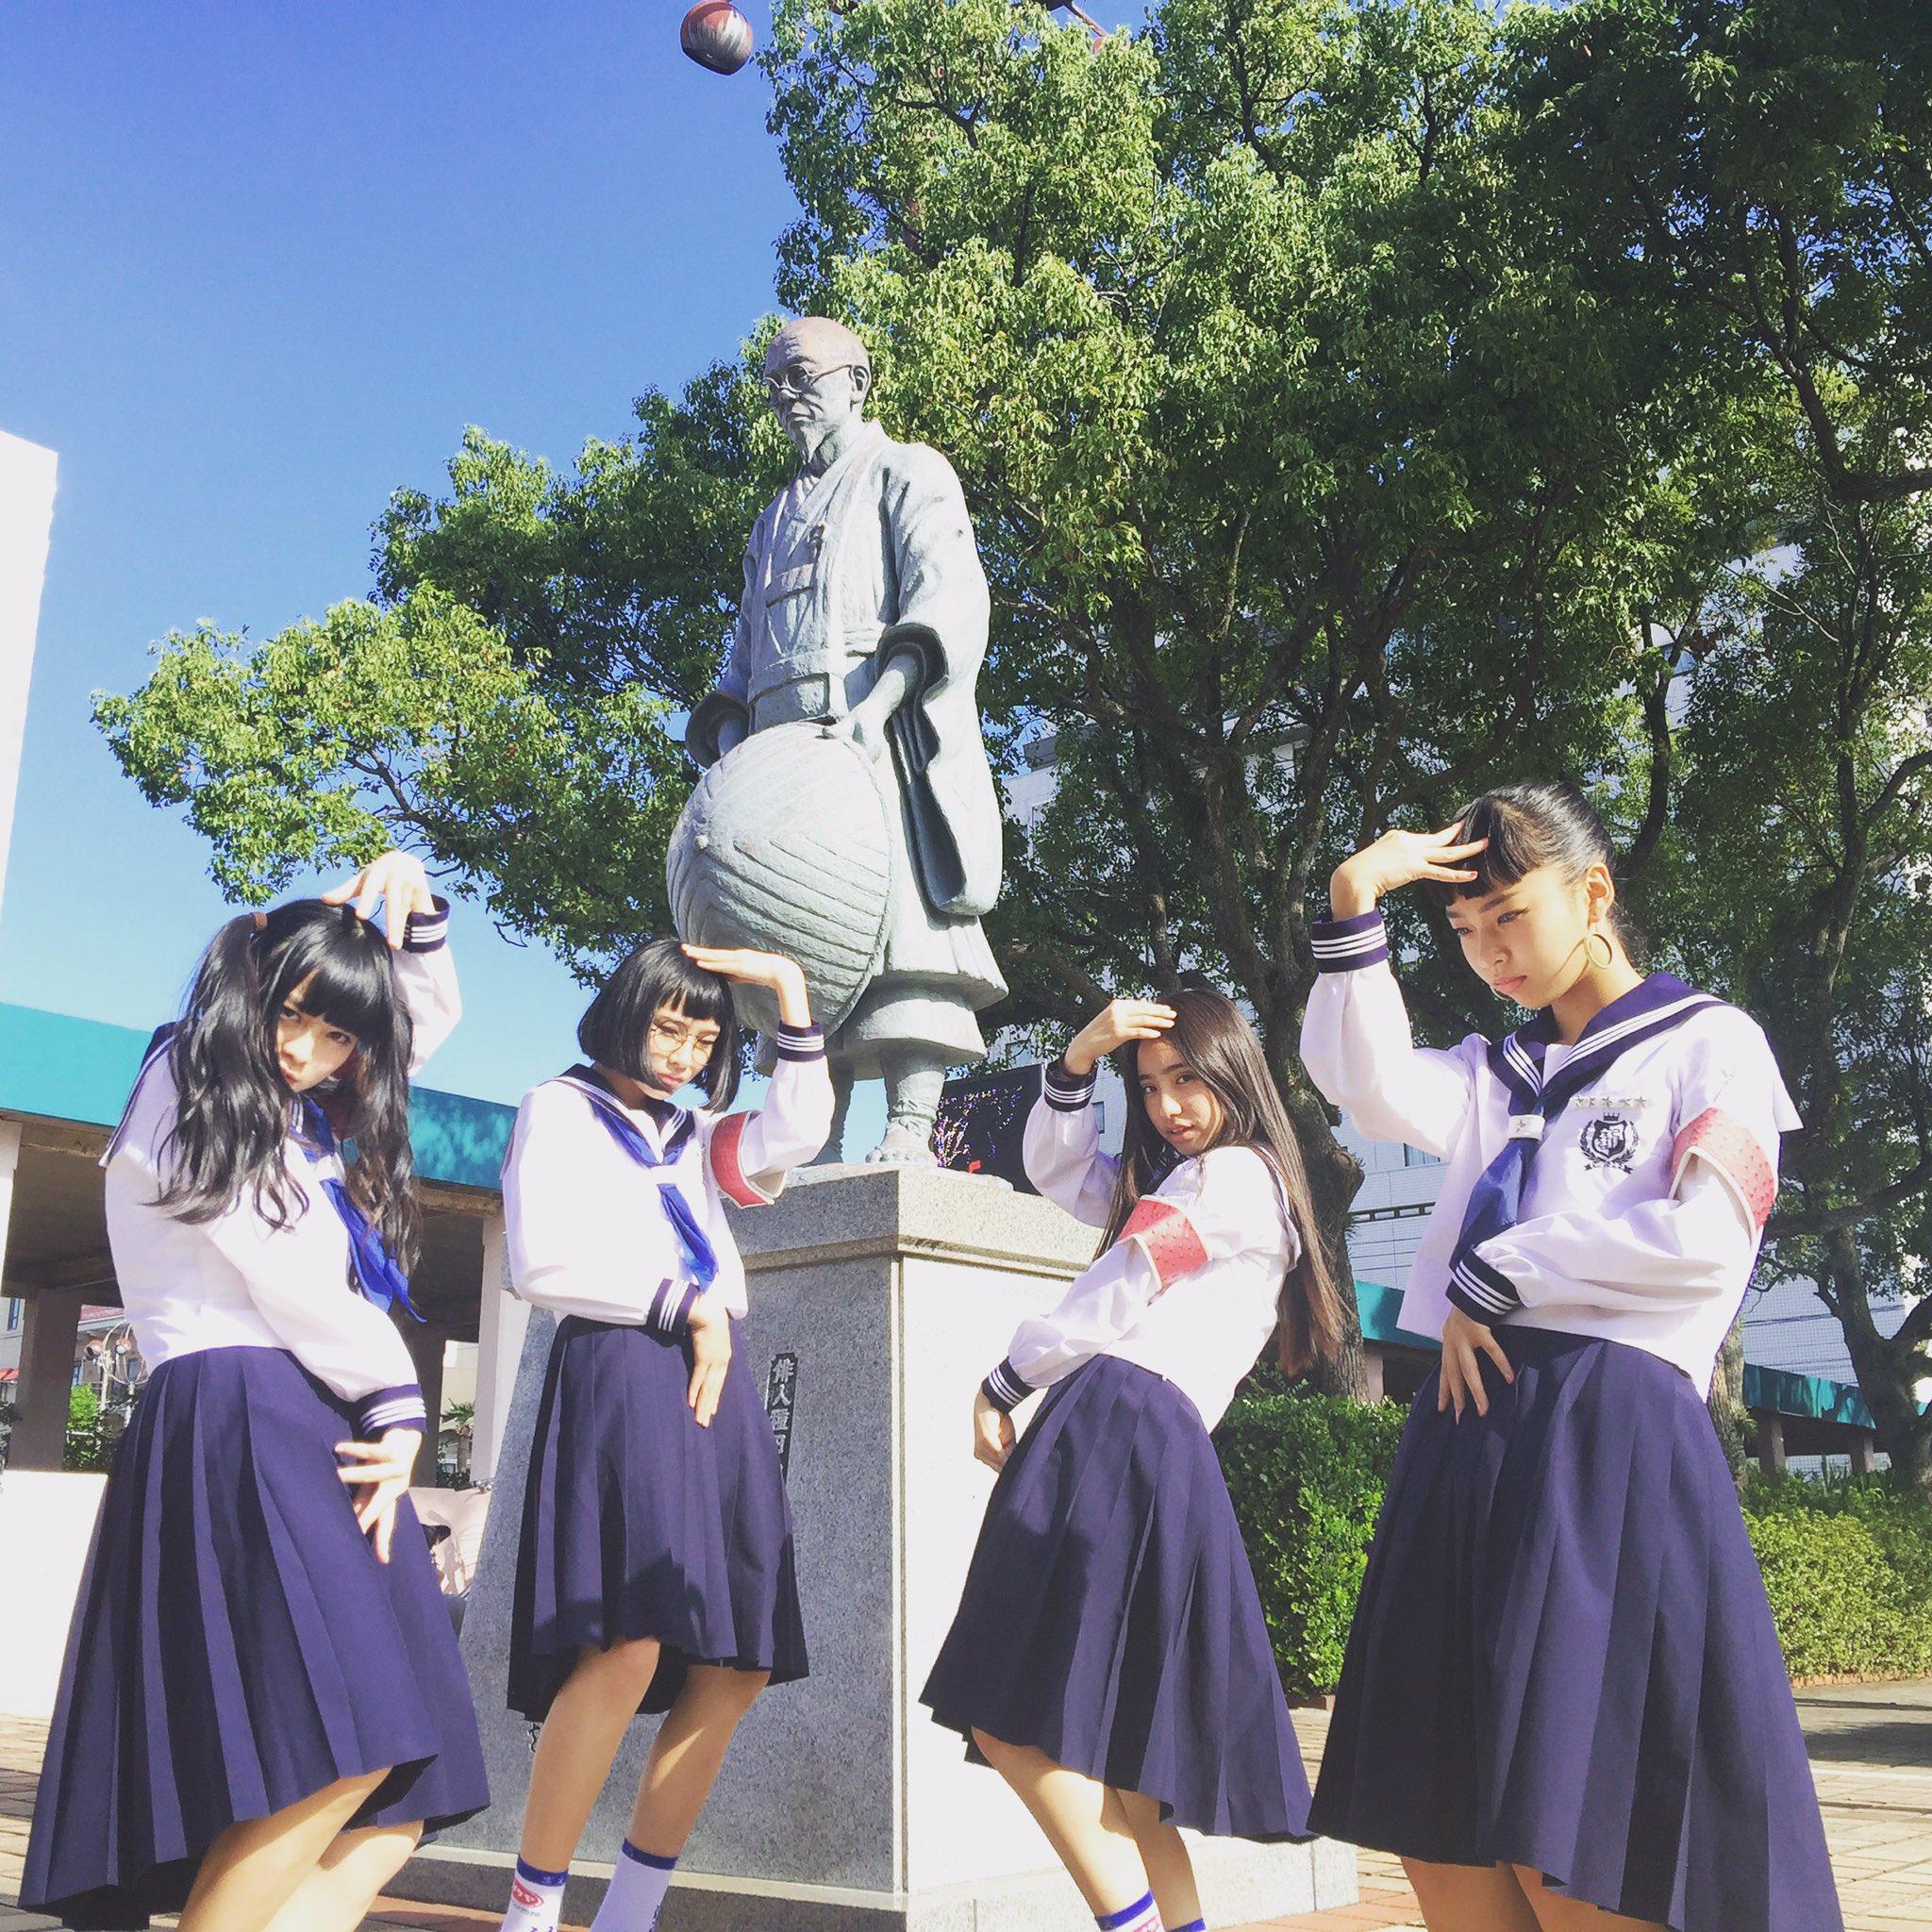 新しい学校のリーダーズが全国から発信する「#銅像と共存」が特集記事に